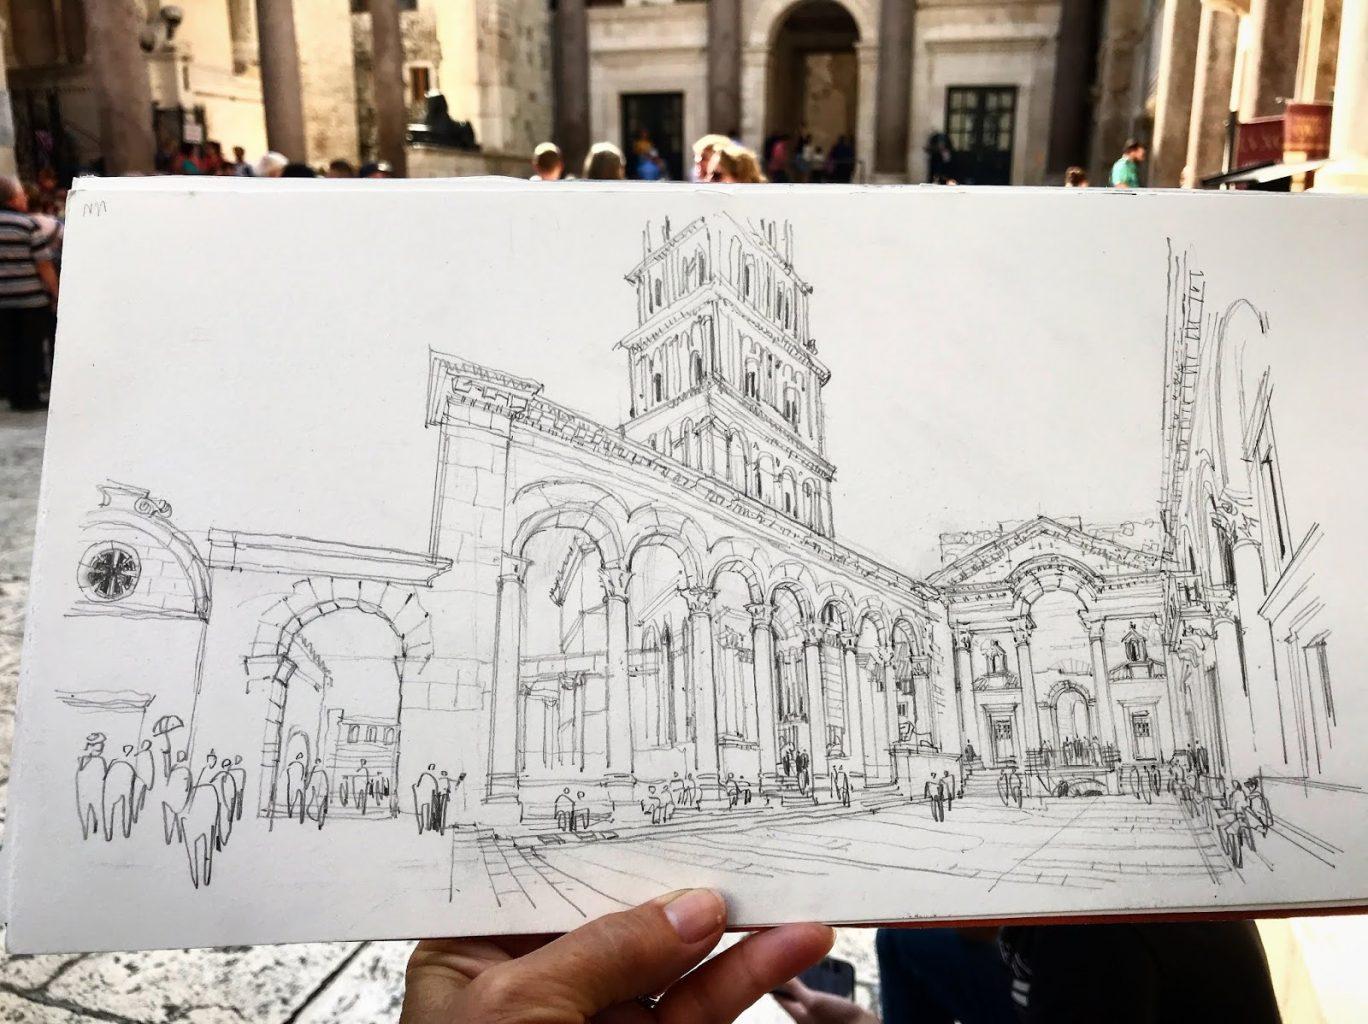 Sketch of Croatia building